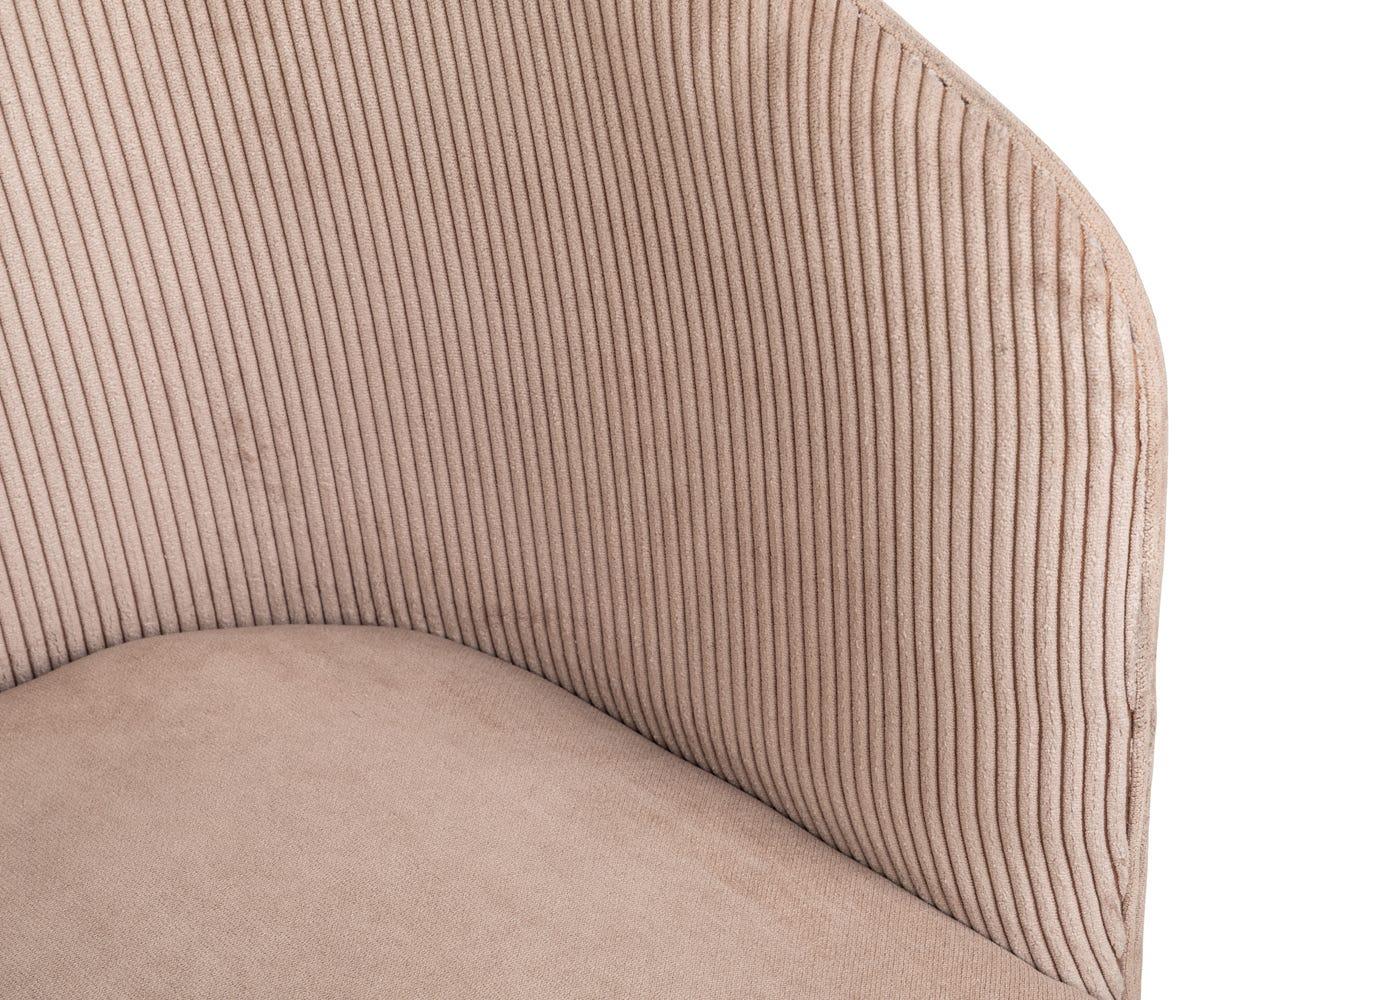 Curved backrest.